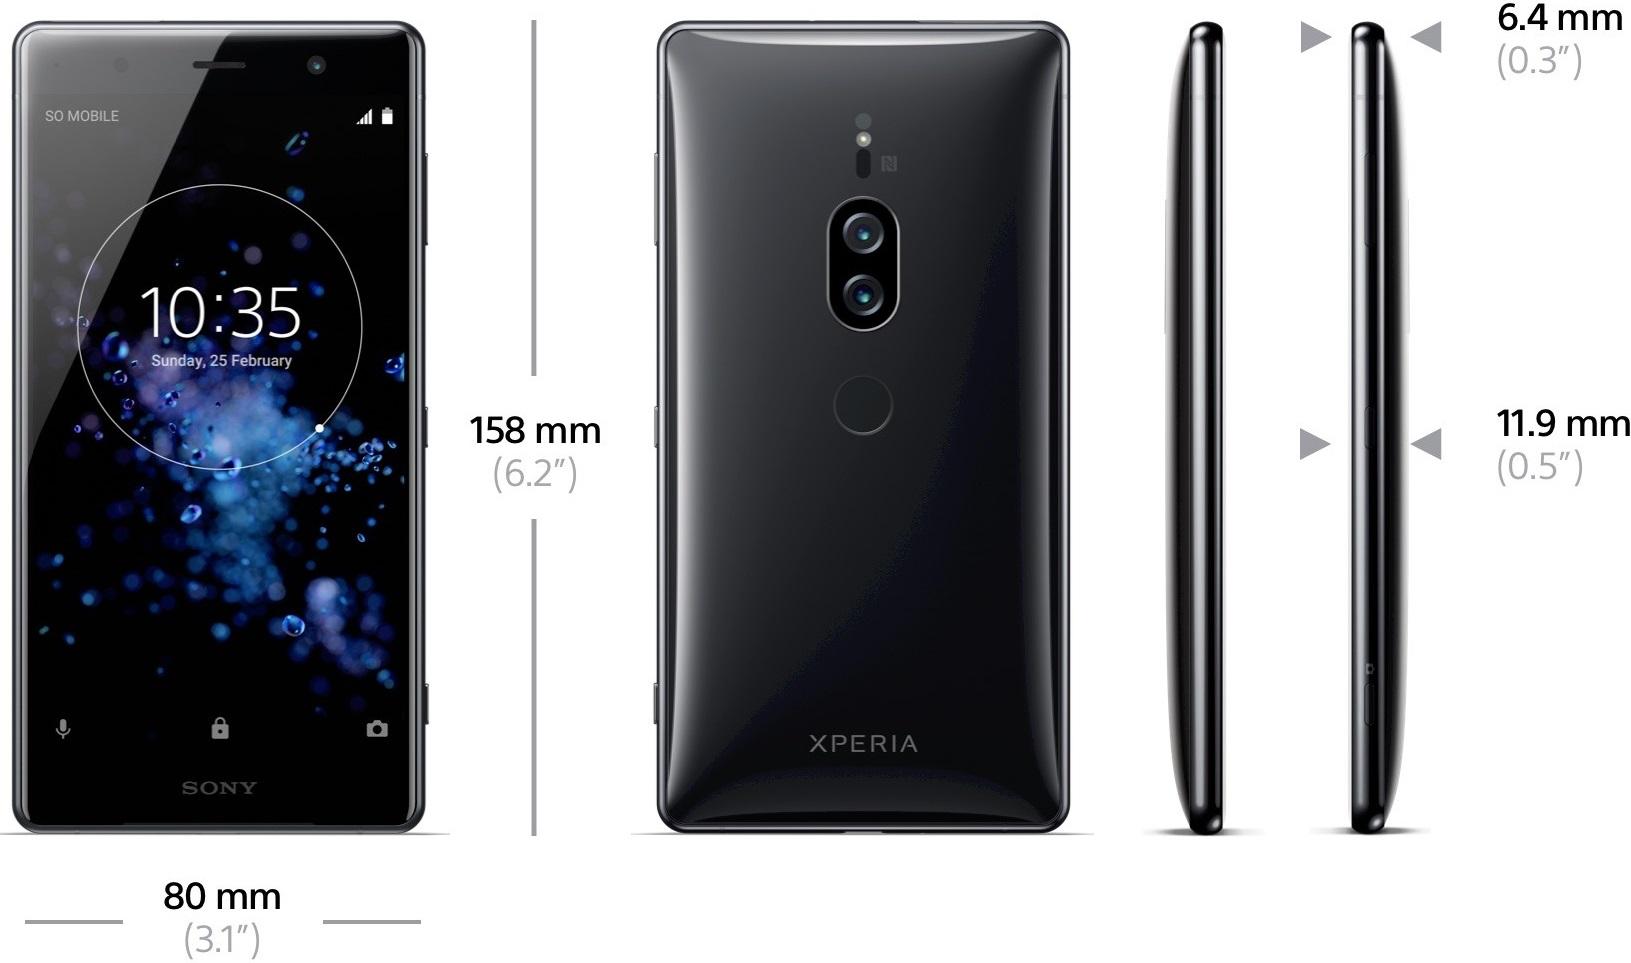 El Sony Xperia XZ2 Premium llegaría el 30 de Julio a un precio en torno a los 1.000 euros